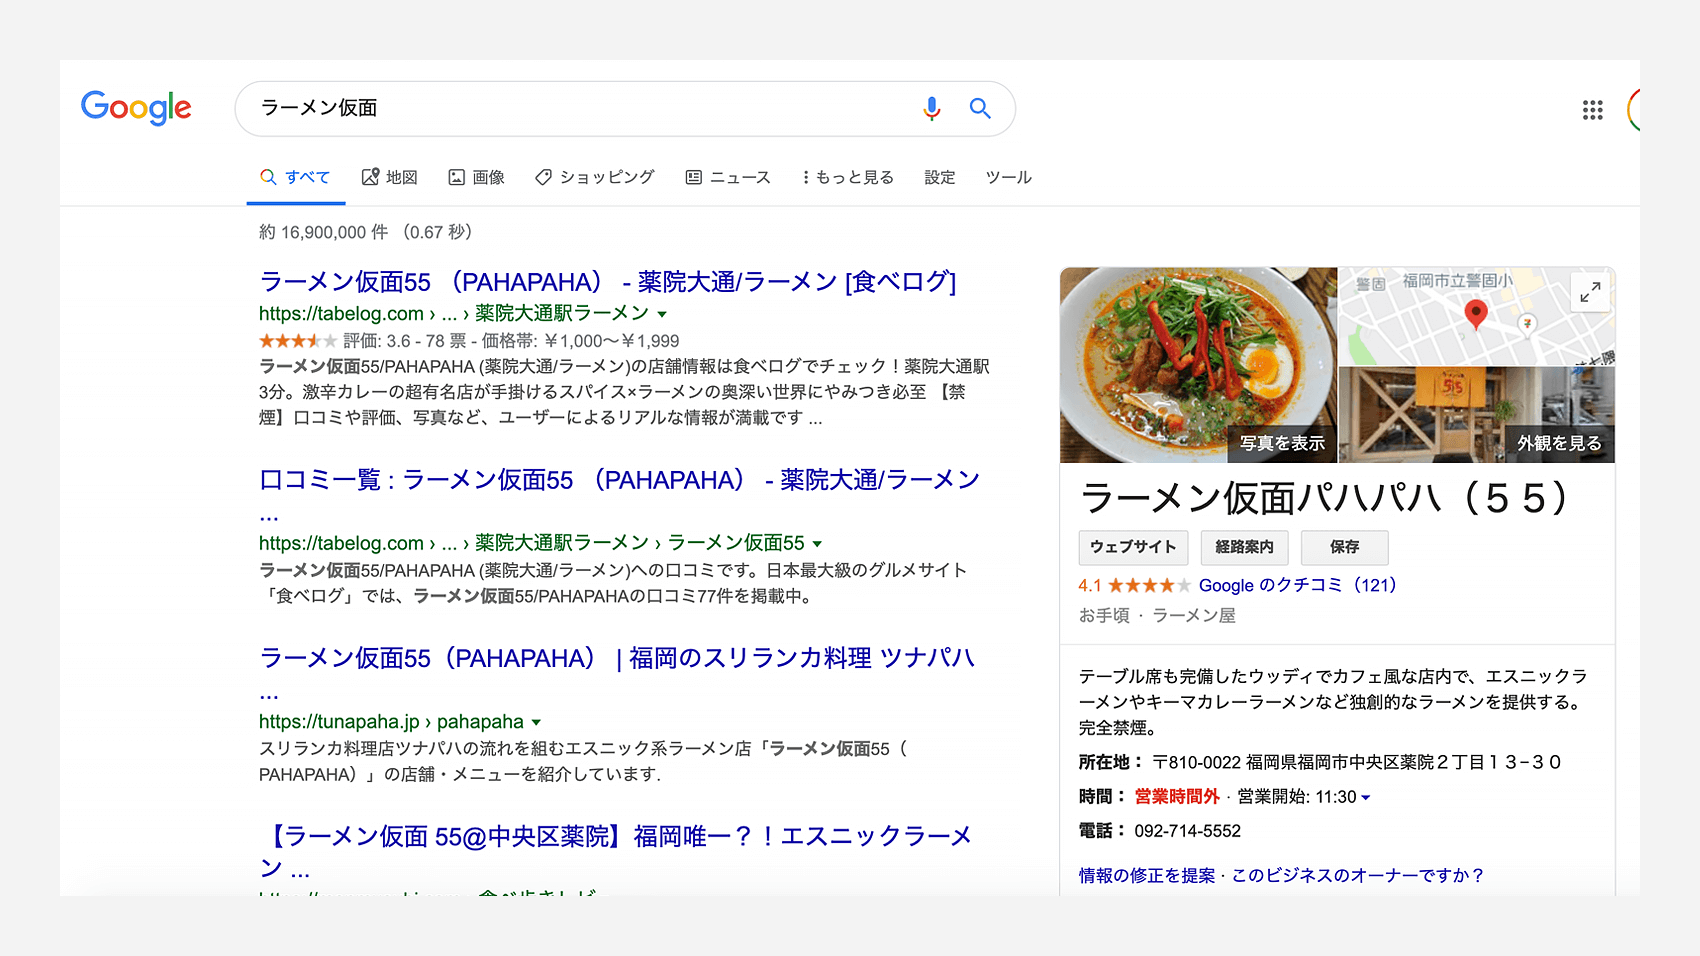 ラーメン仮面で検索した場合の検索結果画面